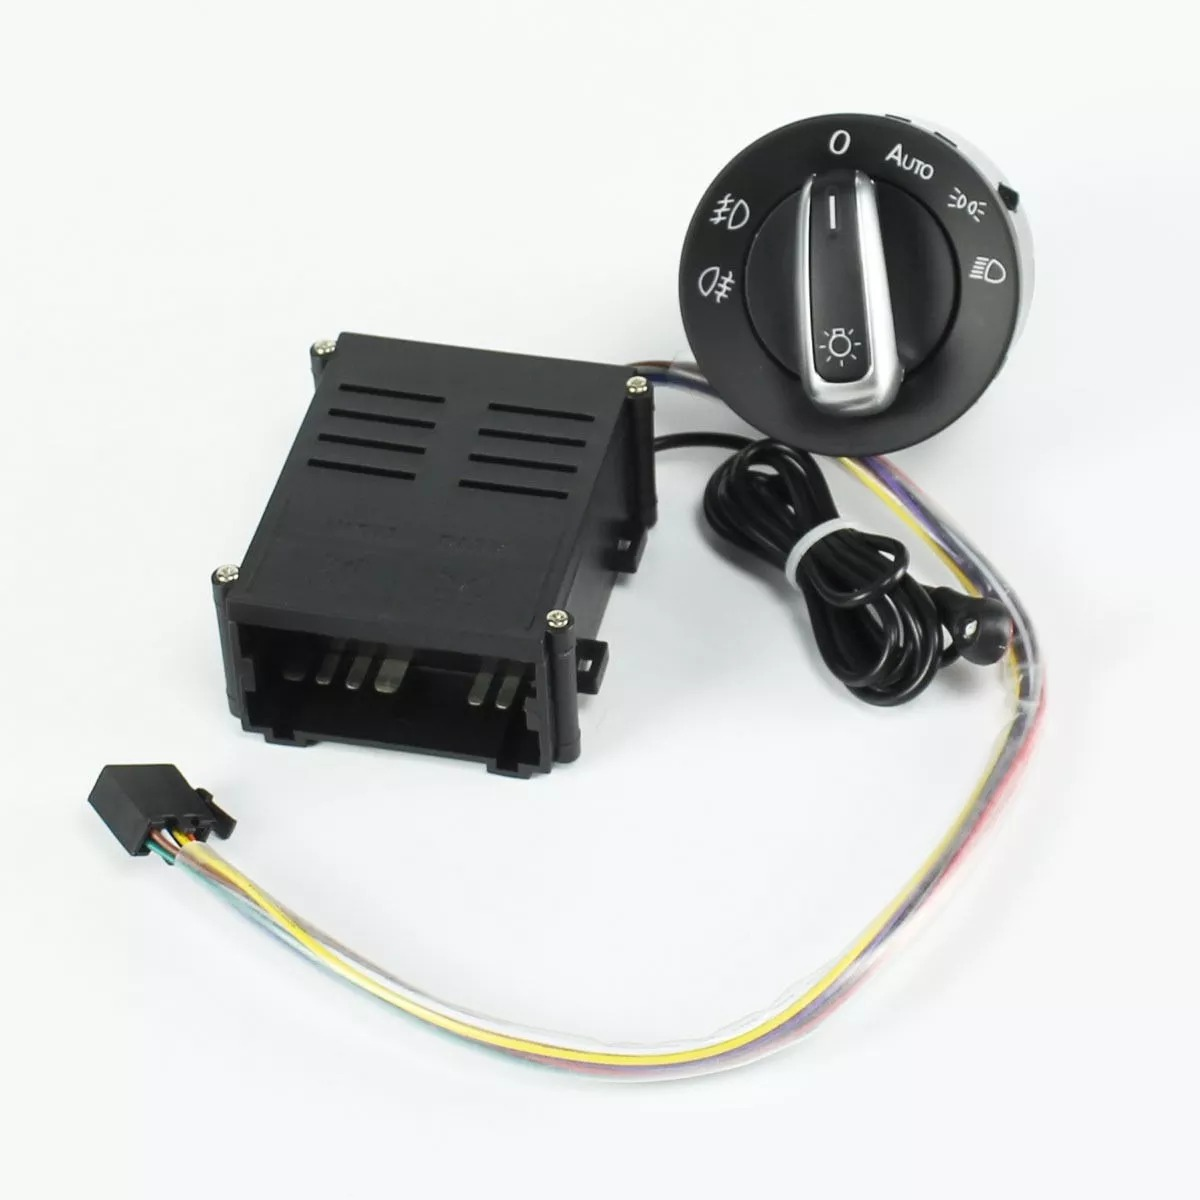 Euroswitch con sensor de luz vw jetta vento passat bora - Sensor de luz precio ...